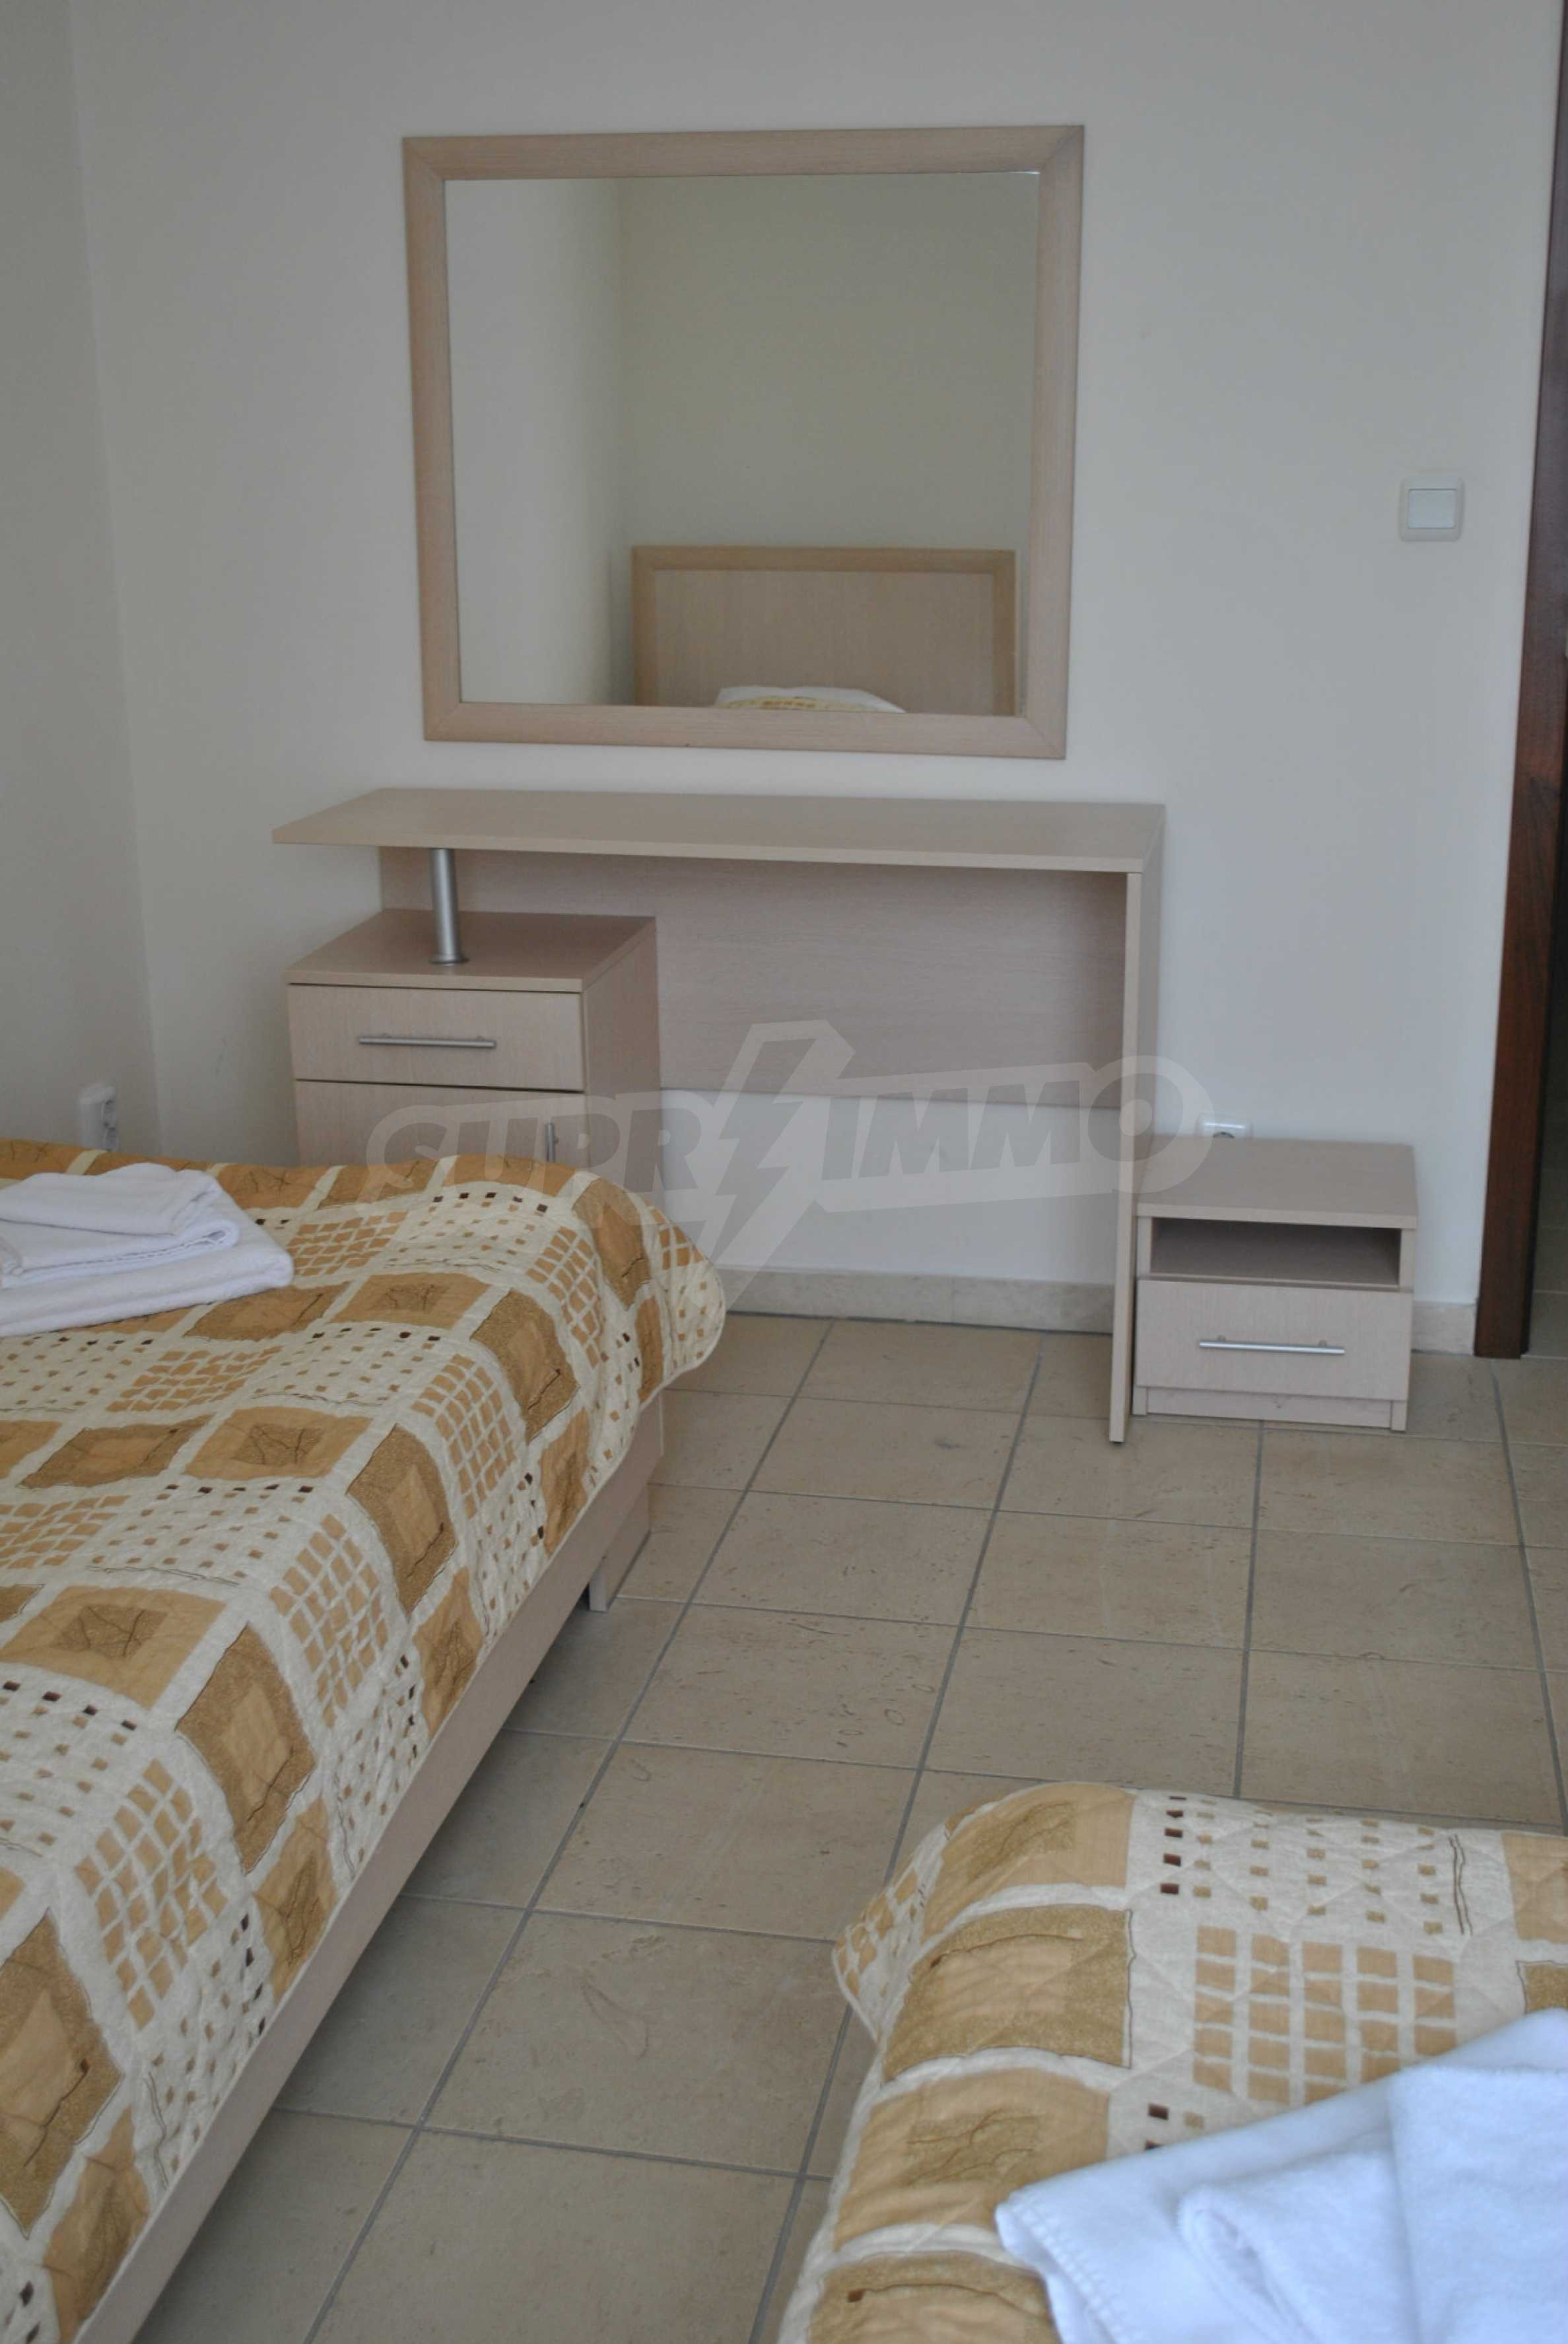 Wohnung in einer Luxusanlage 4